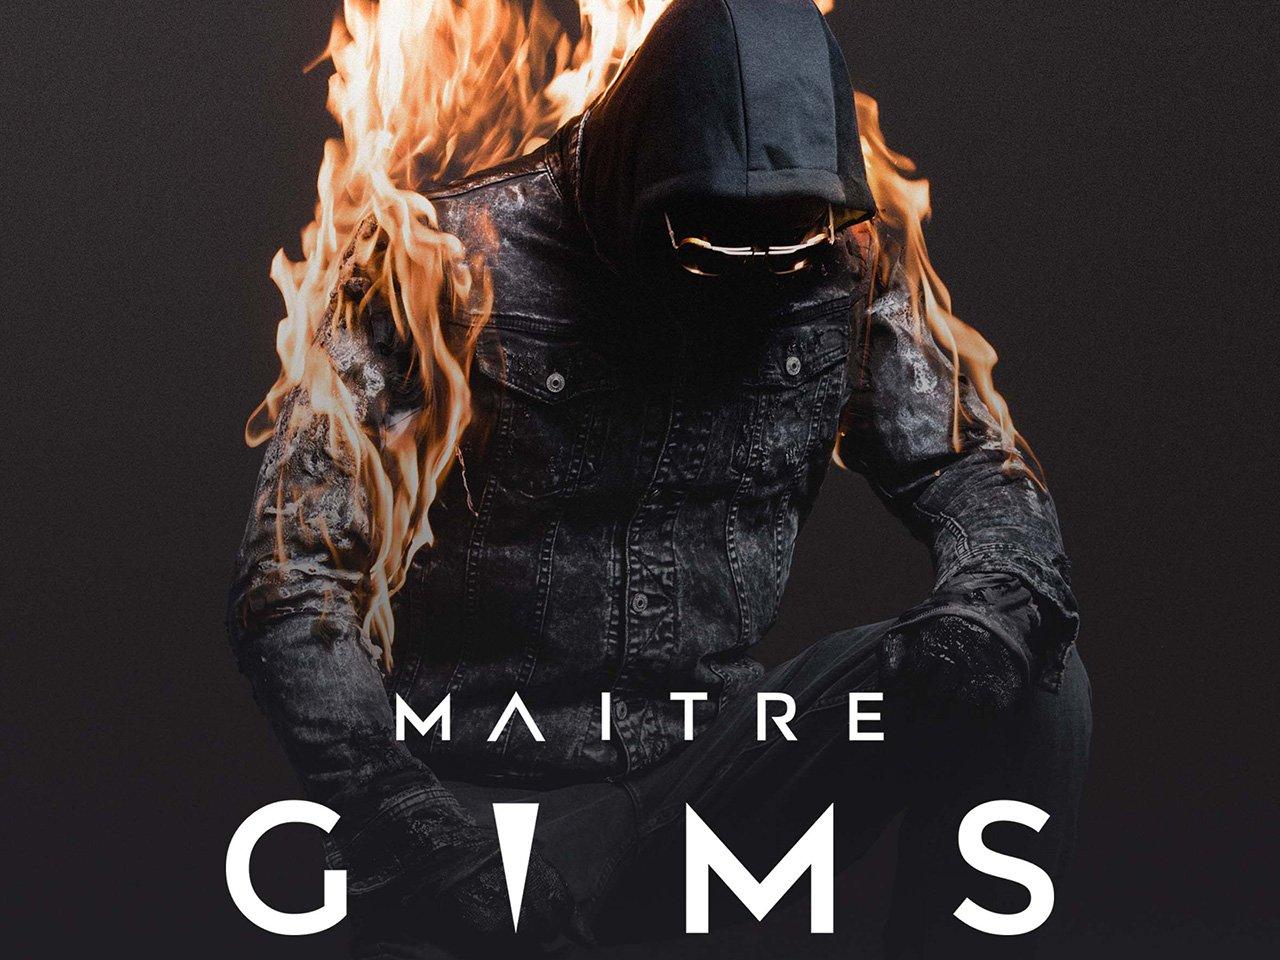 Maitre gims 2019